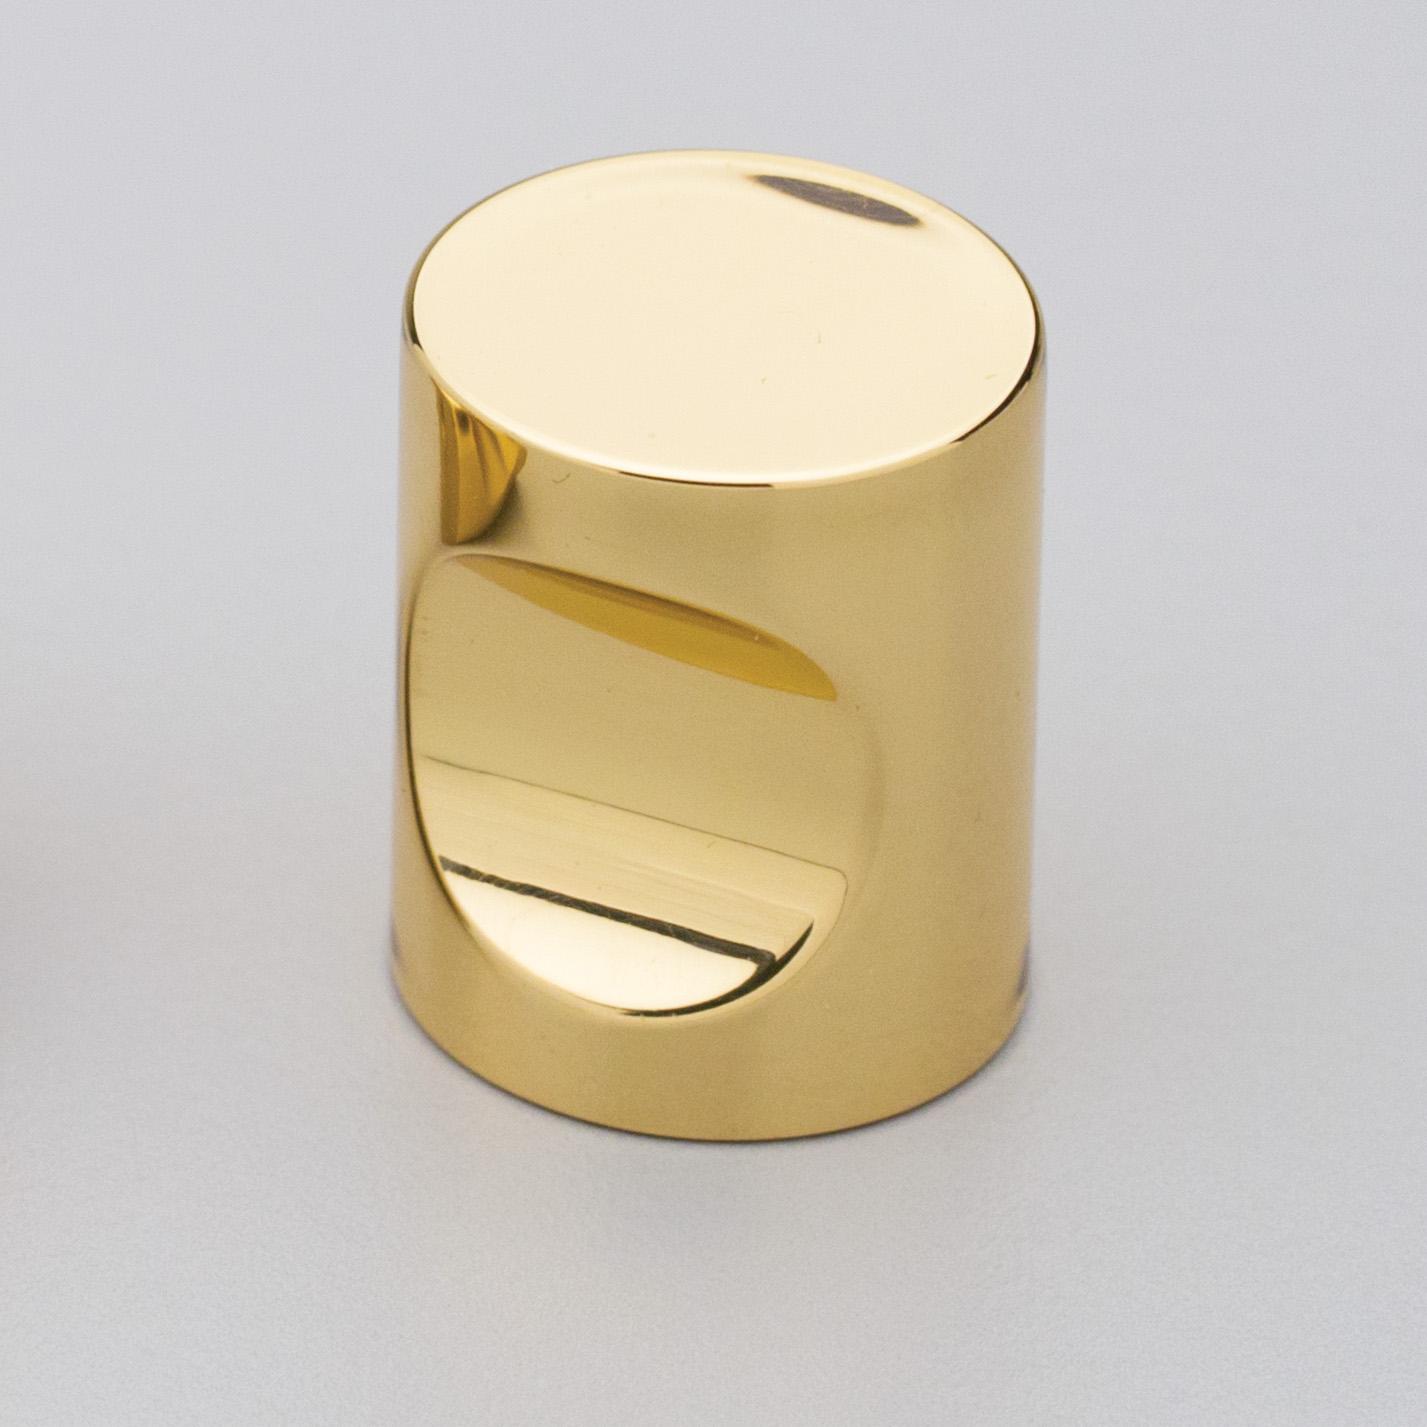 BK4320 Polished Brass Knob